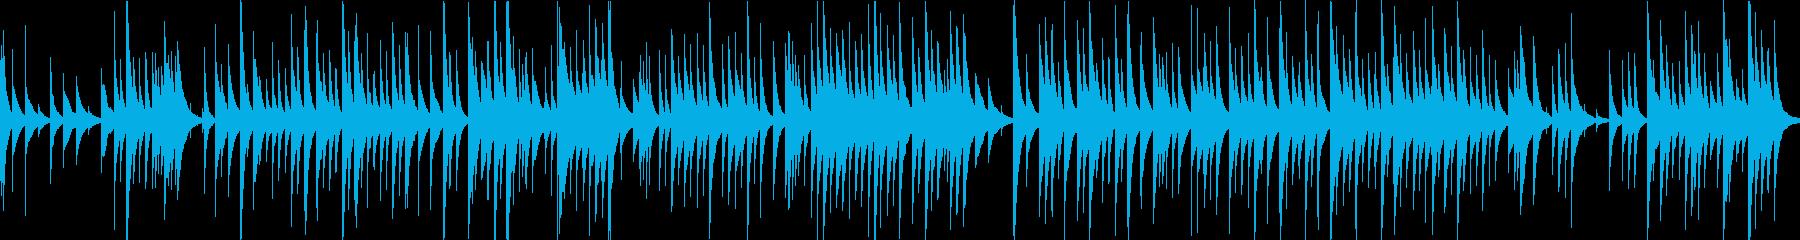 G線上のアリアのオルゴールアレンジの再生済みの波形